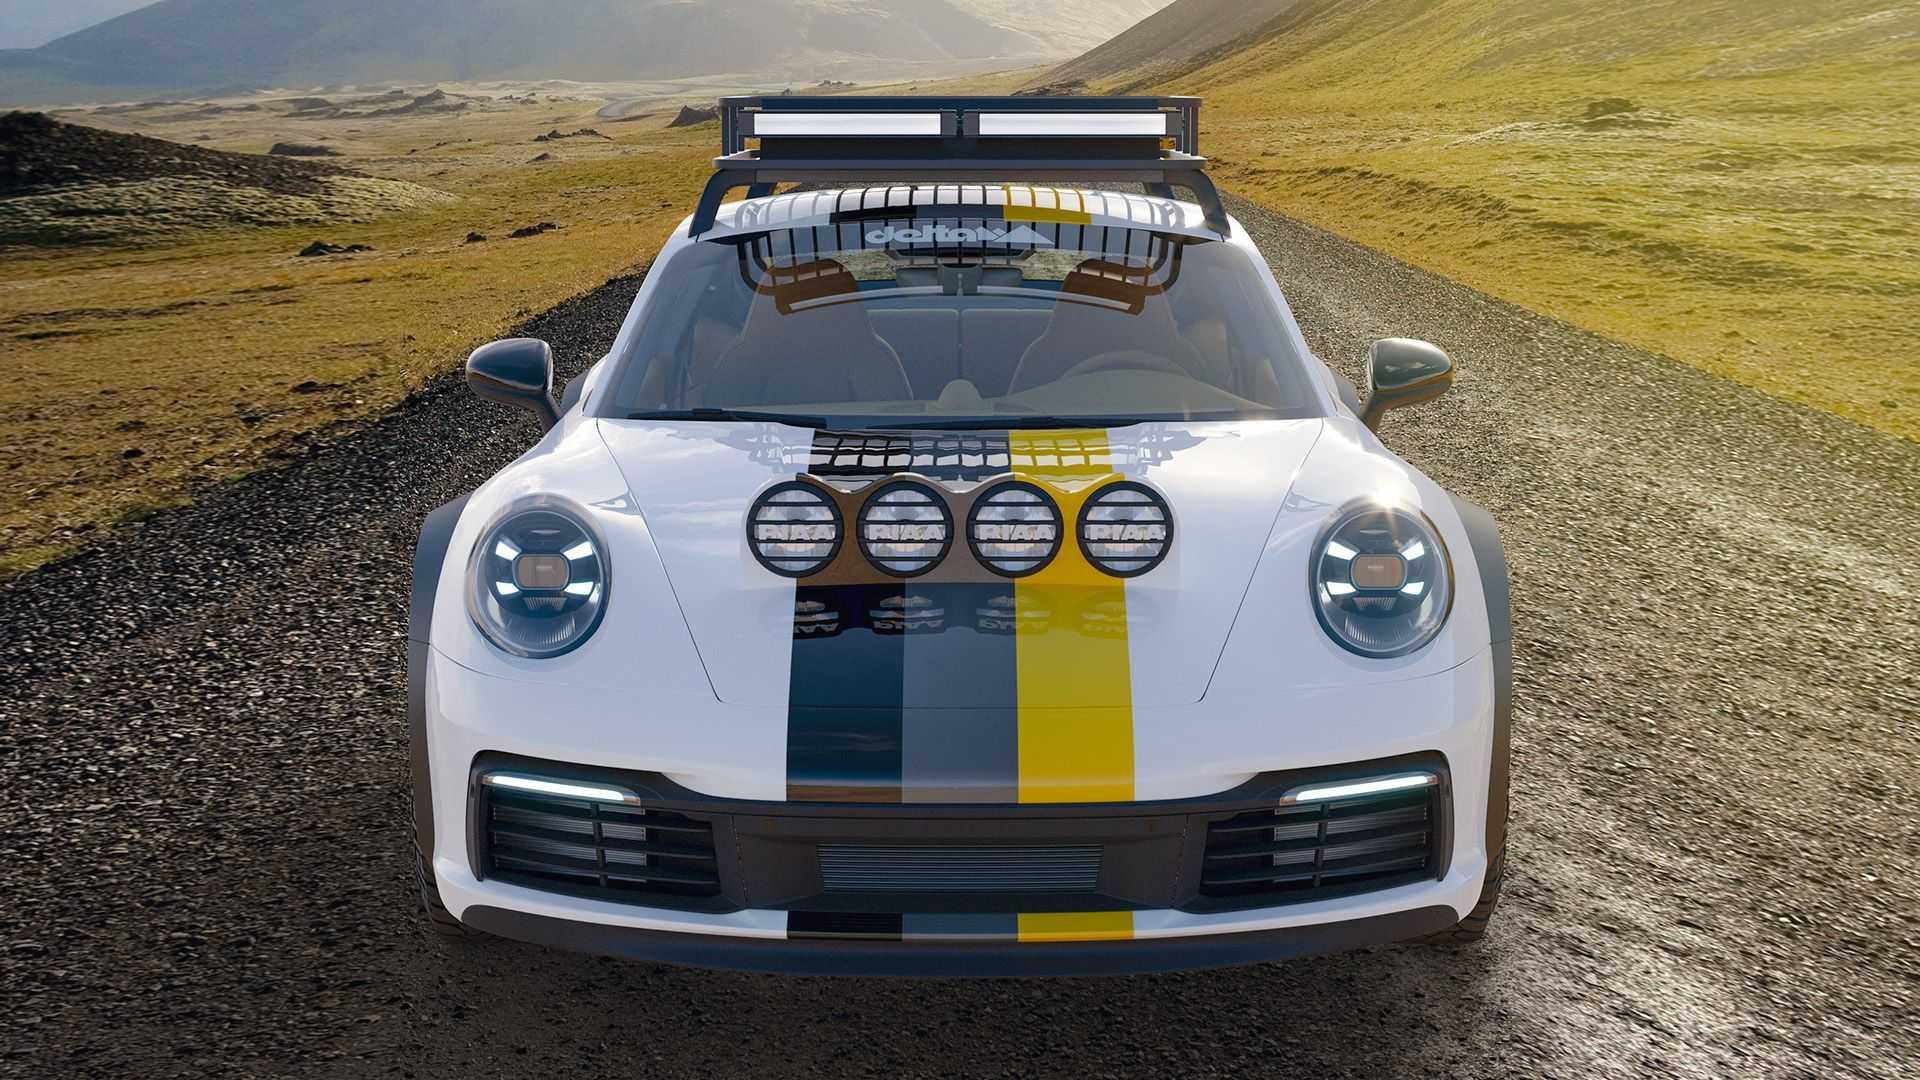 Porsche-911-992-4S-by-Delta-4x4-3